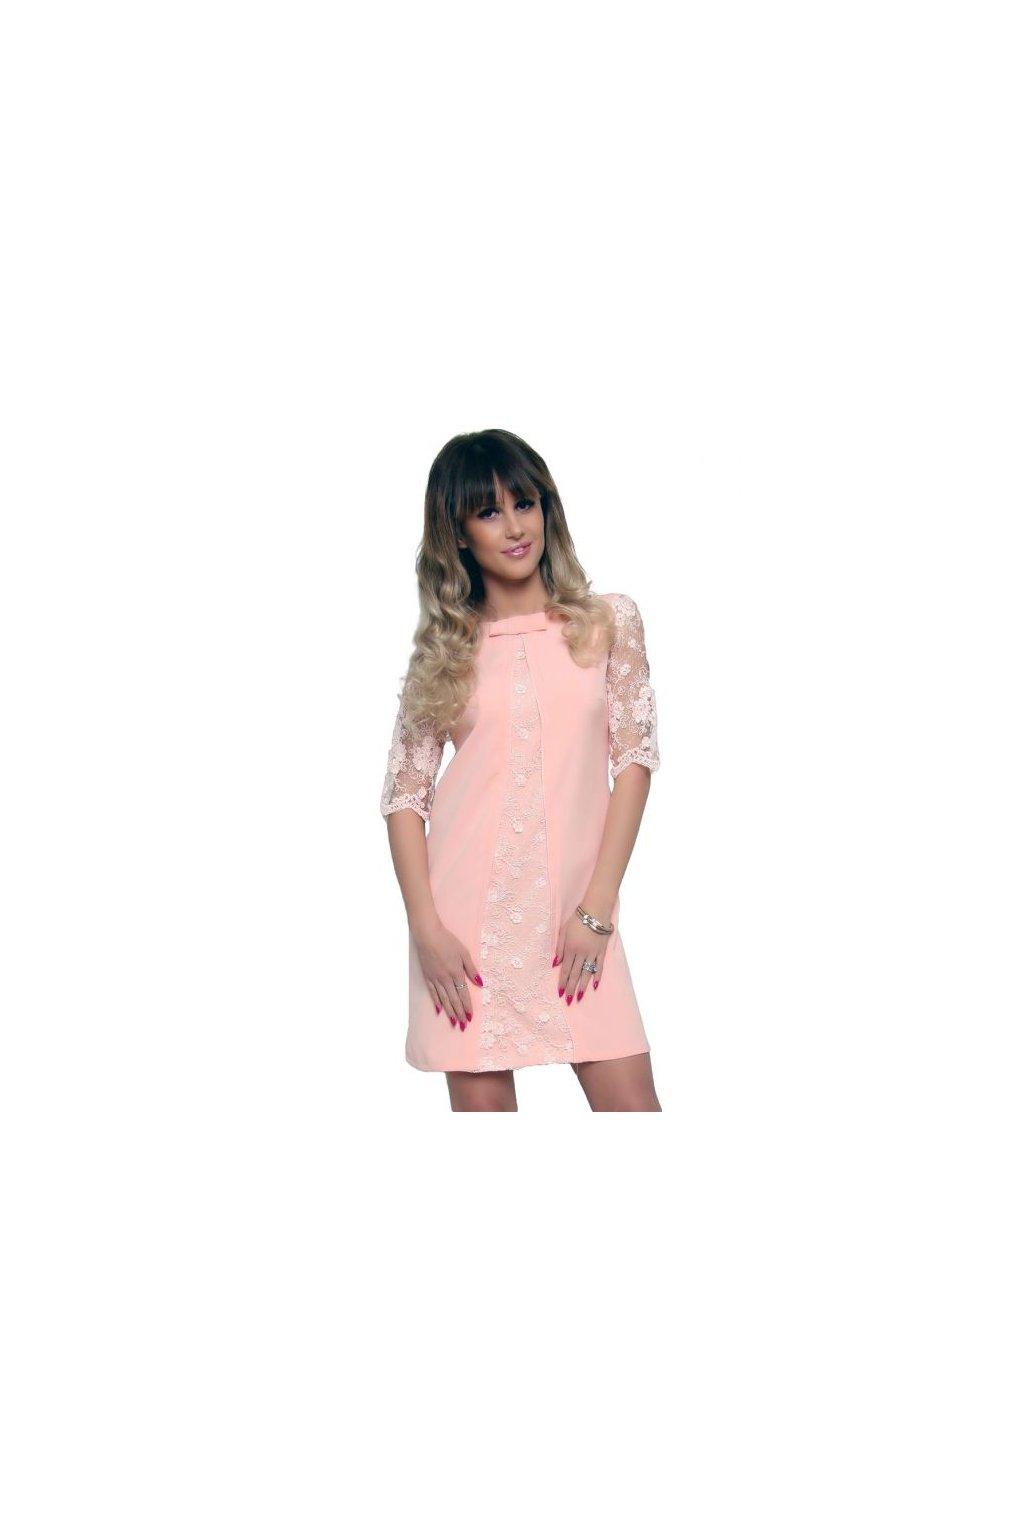 Koktejlové šaty s čipkou CM452 ružové - Tentation.sk 311f9186d08